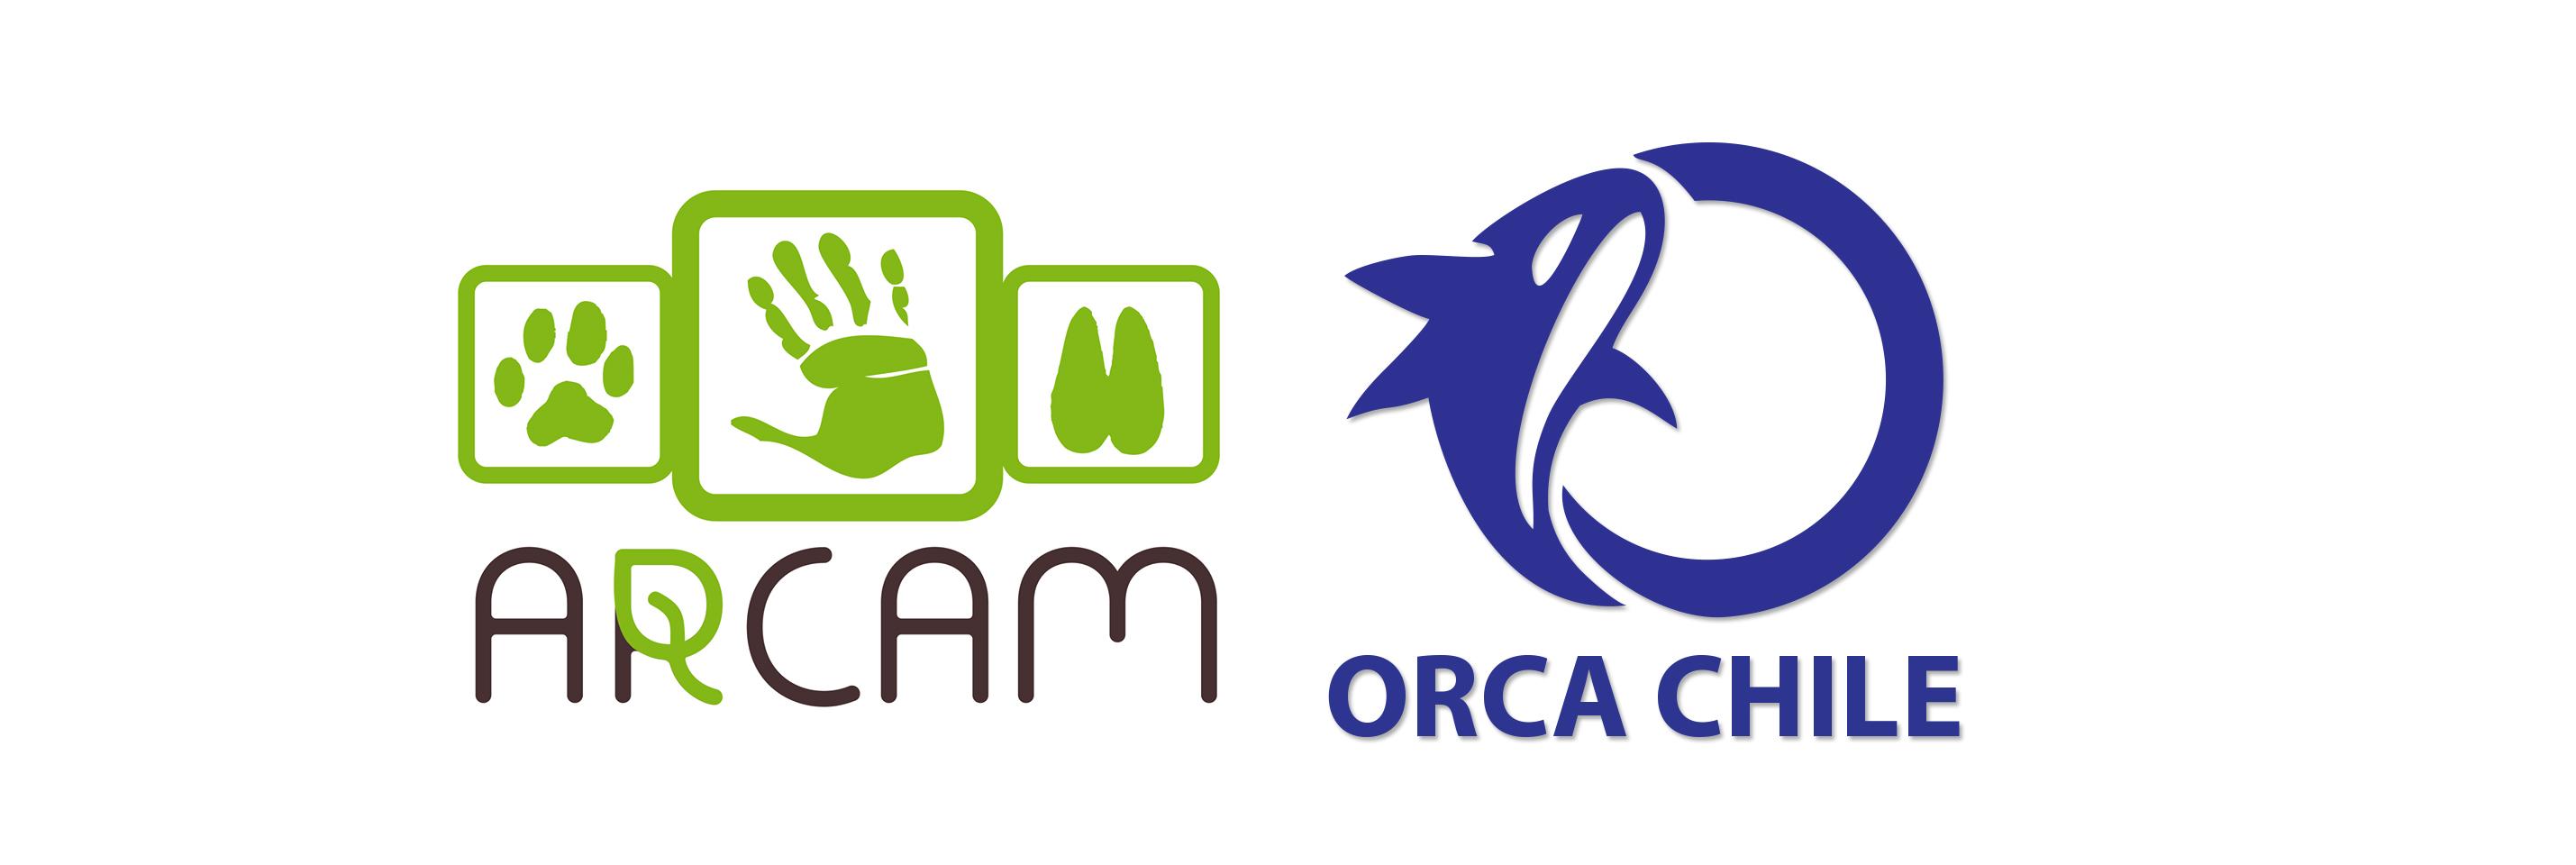 ORCA y A.R.C.A.M. firman convenio de cooperación entre ambas organizaciones.